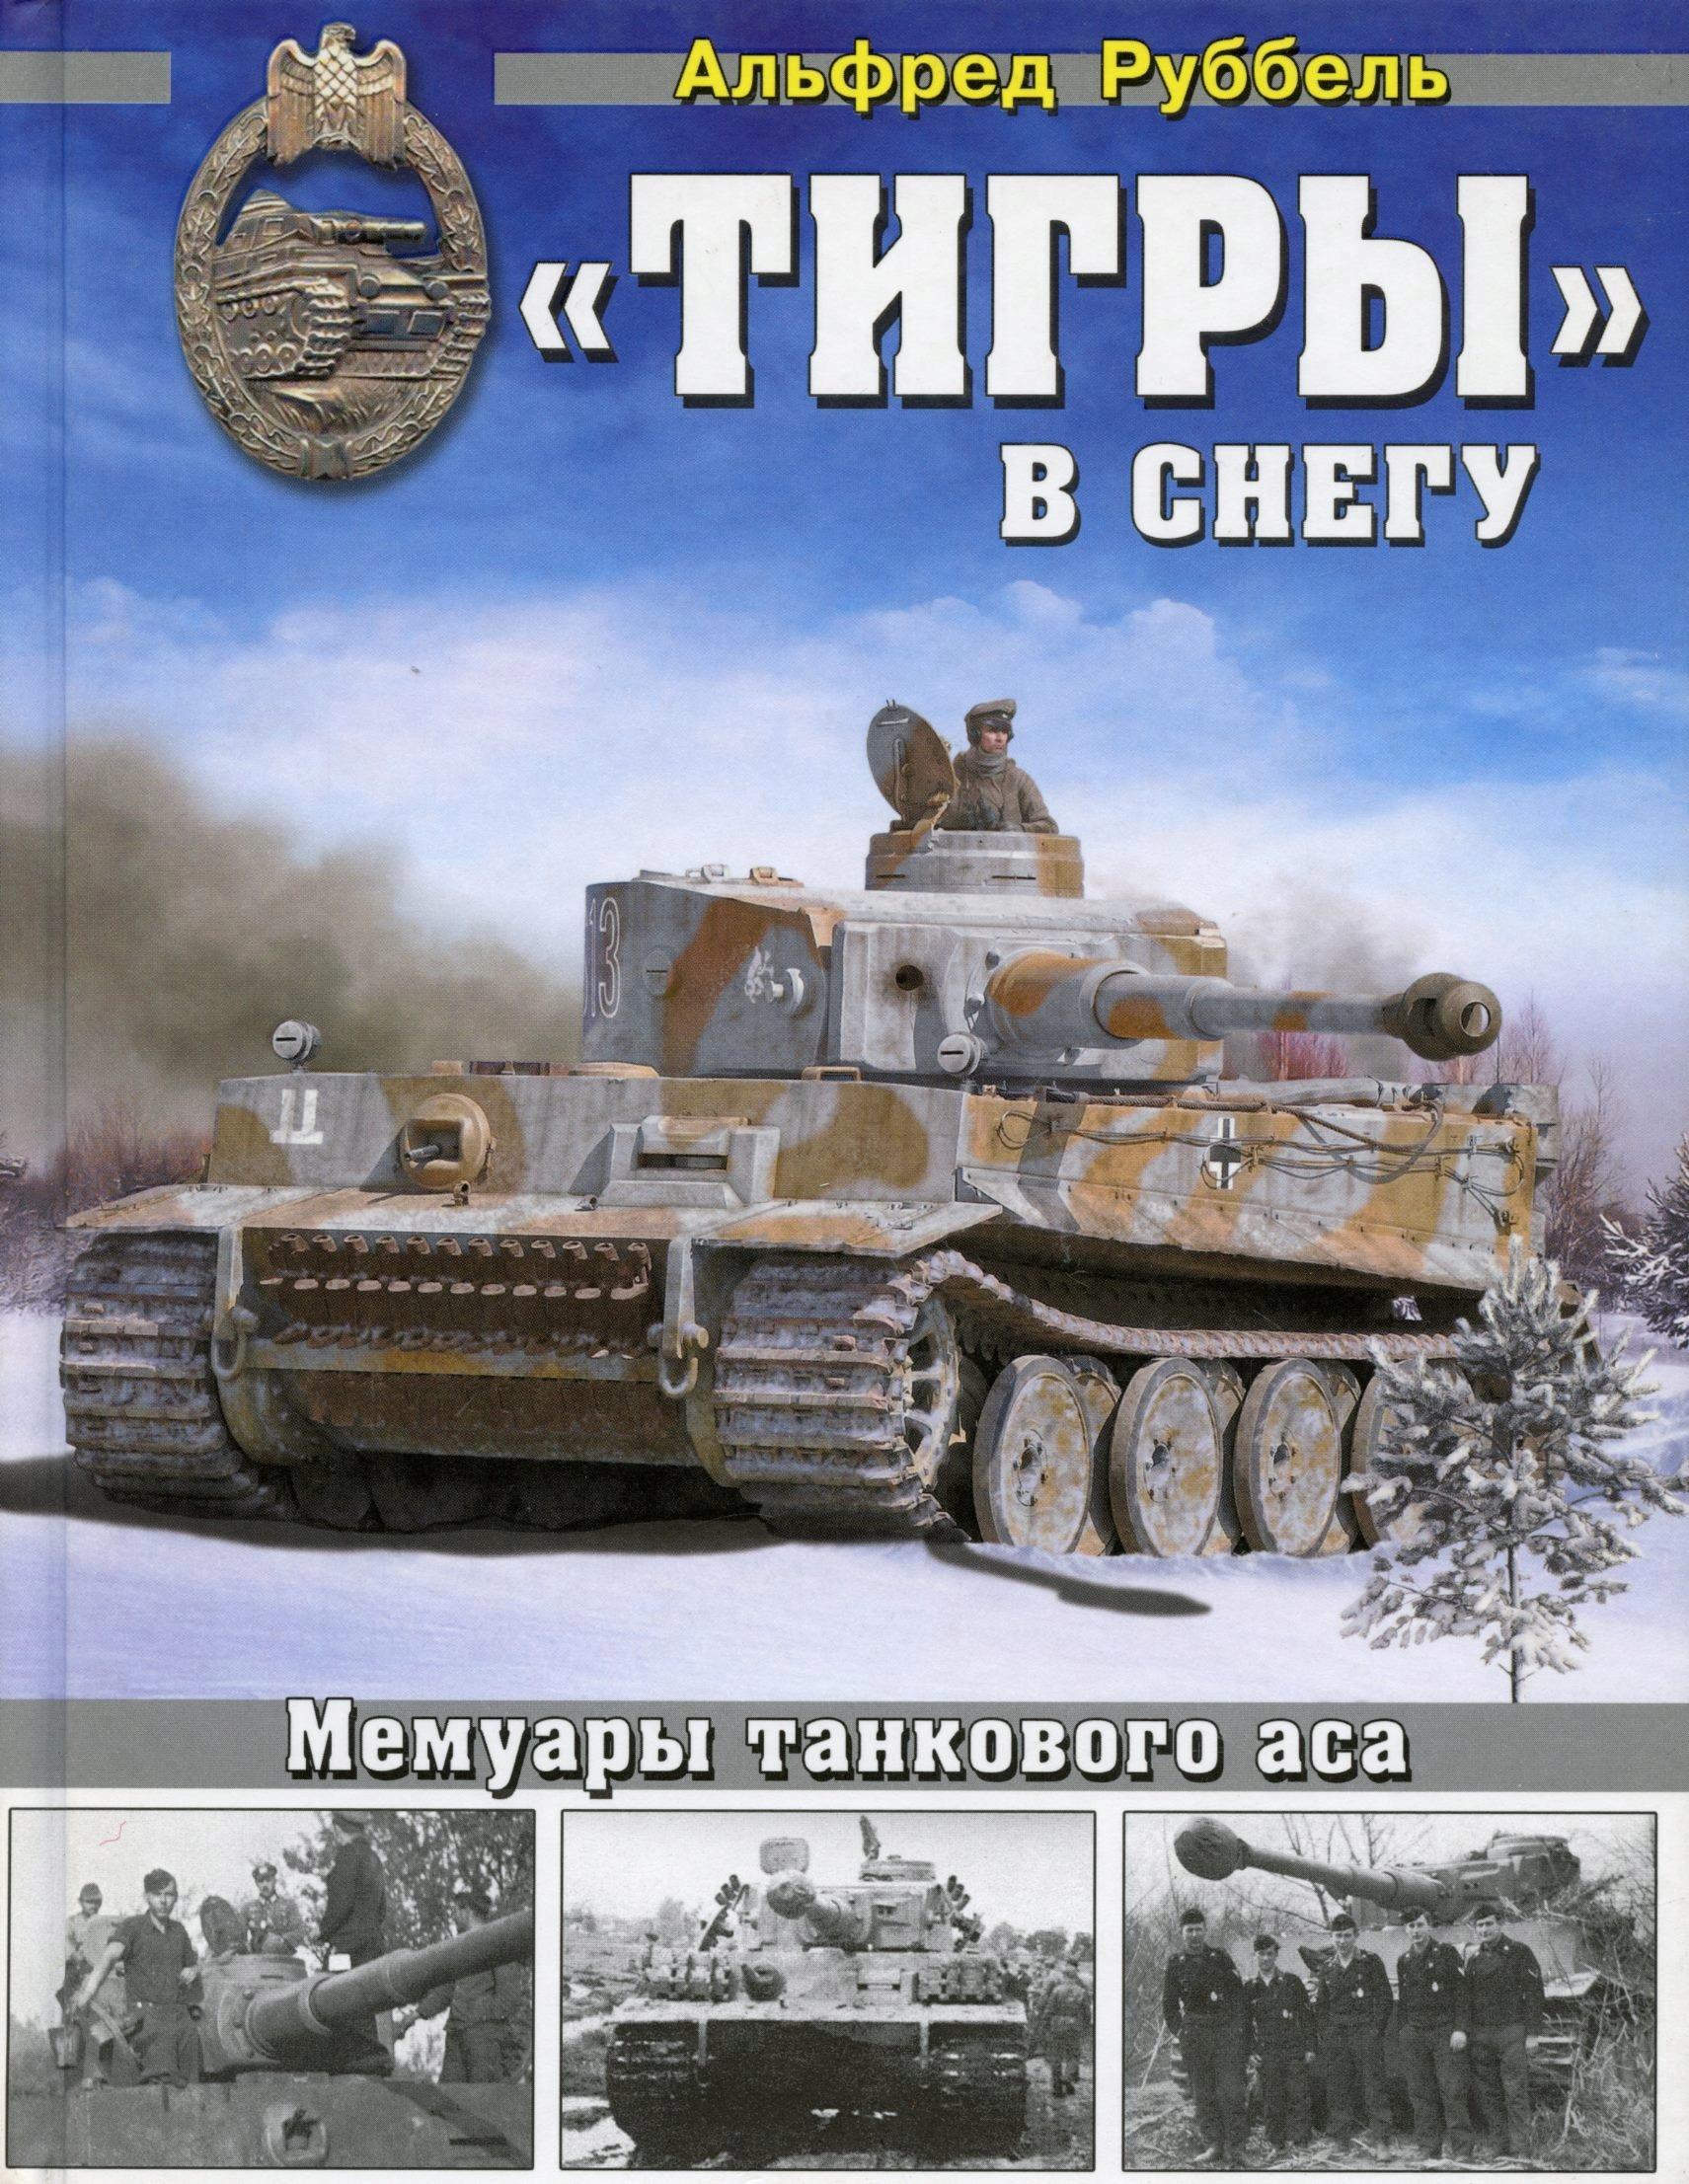 Тигры на снегу - Альфред Руббель - Русский